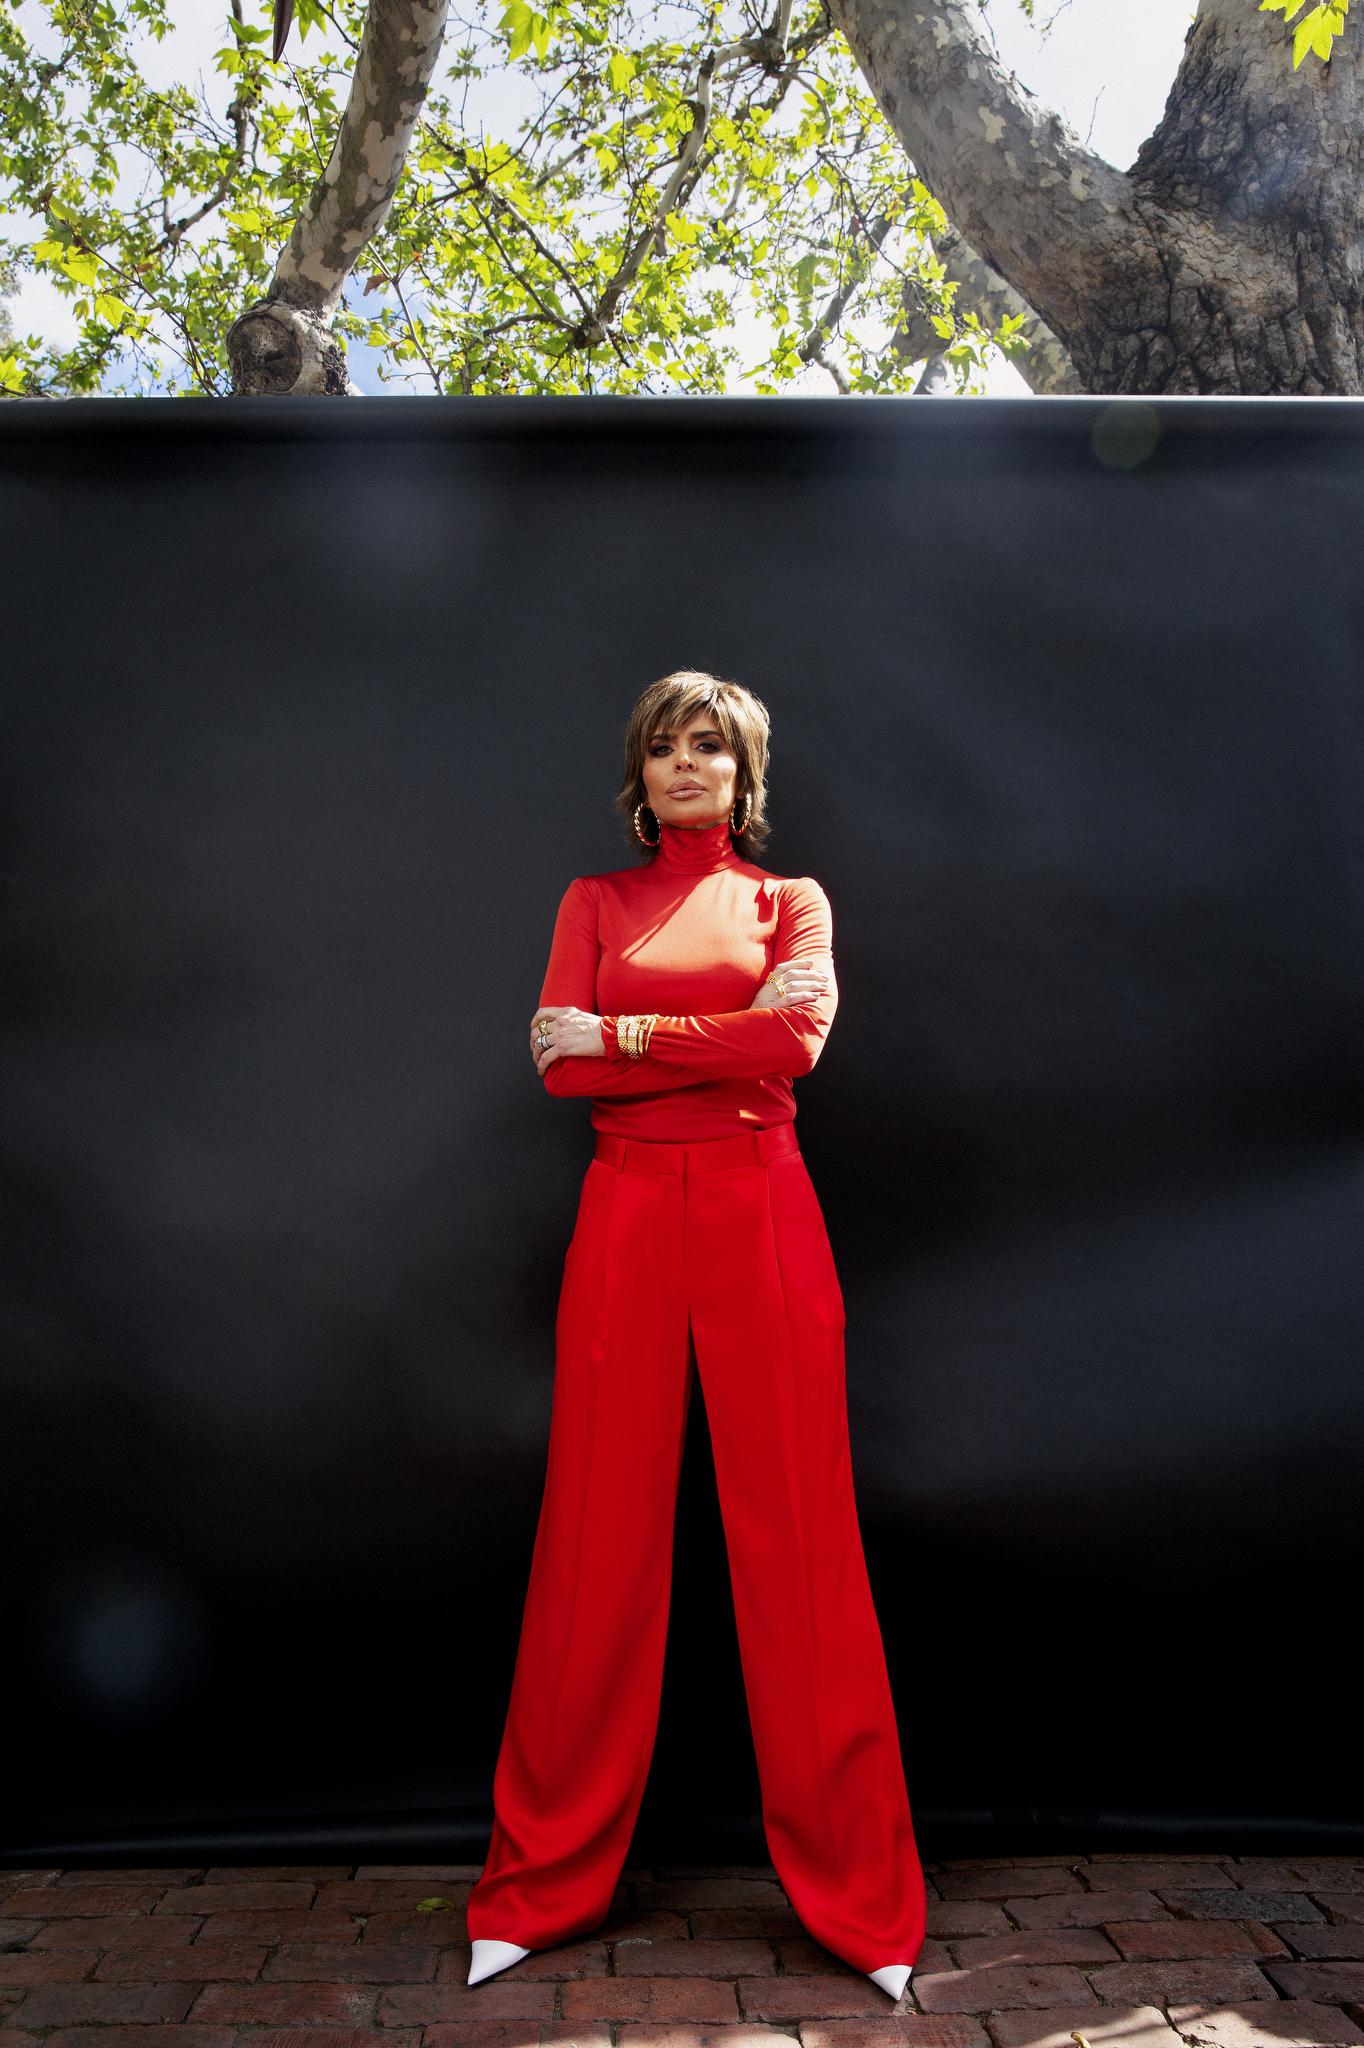 Lisa Rinna wearing red